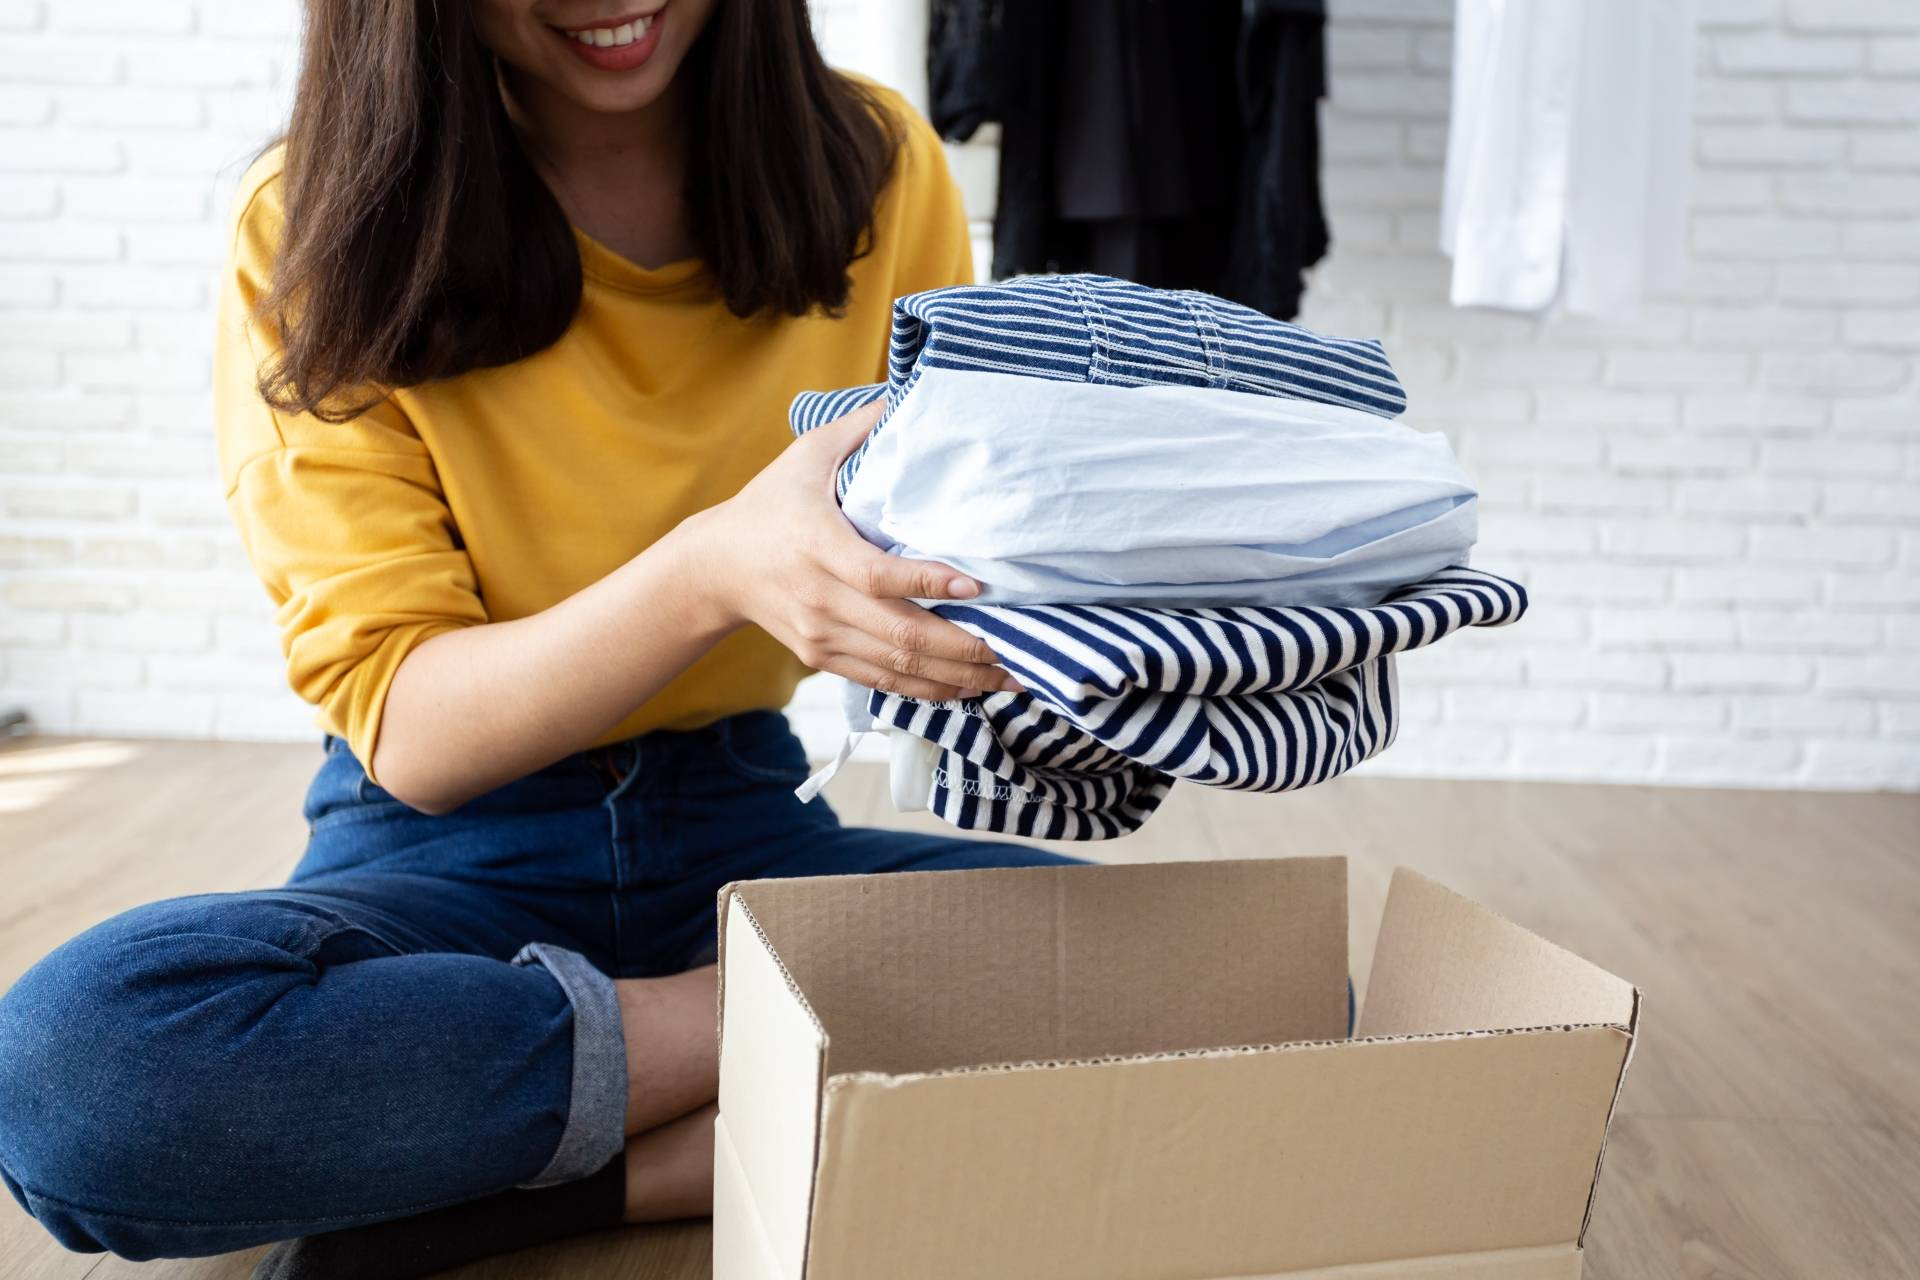 Porządki w szafie - gdzie oddać nienoszone ubrania? Kobieta w żółtej bluzce i jeansach wkłada ubrania do kartonu.